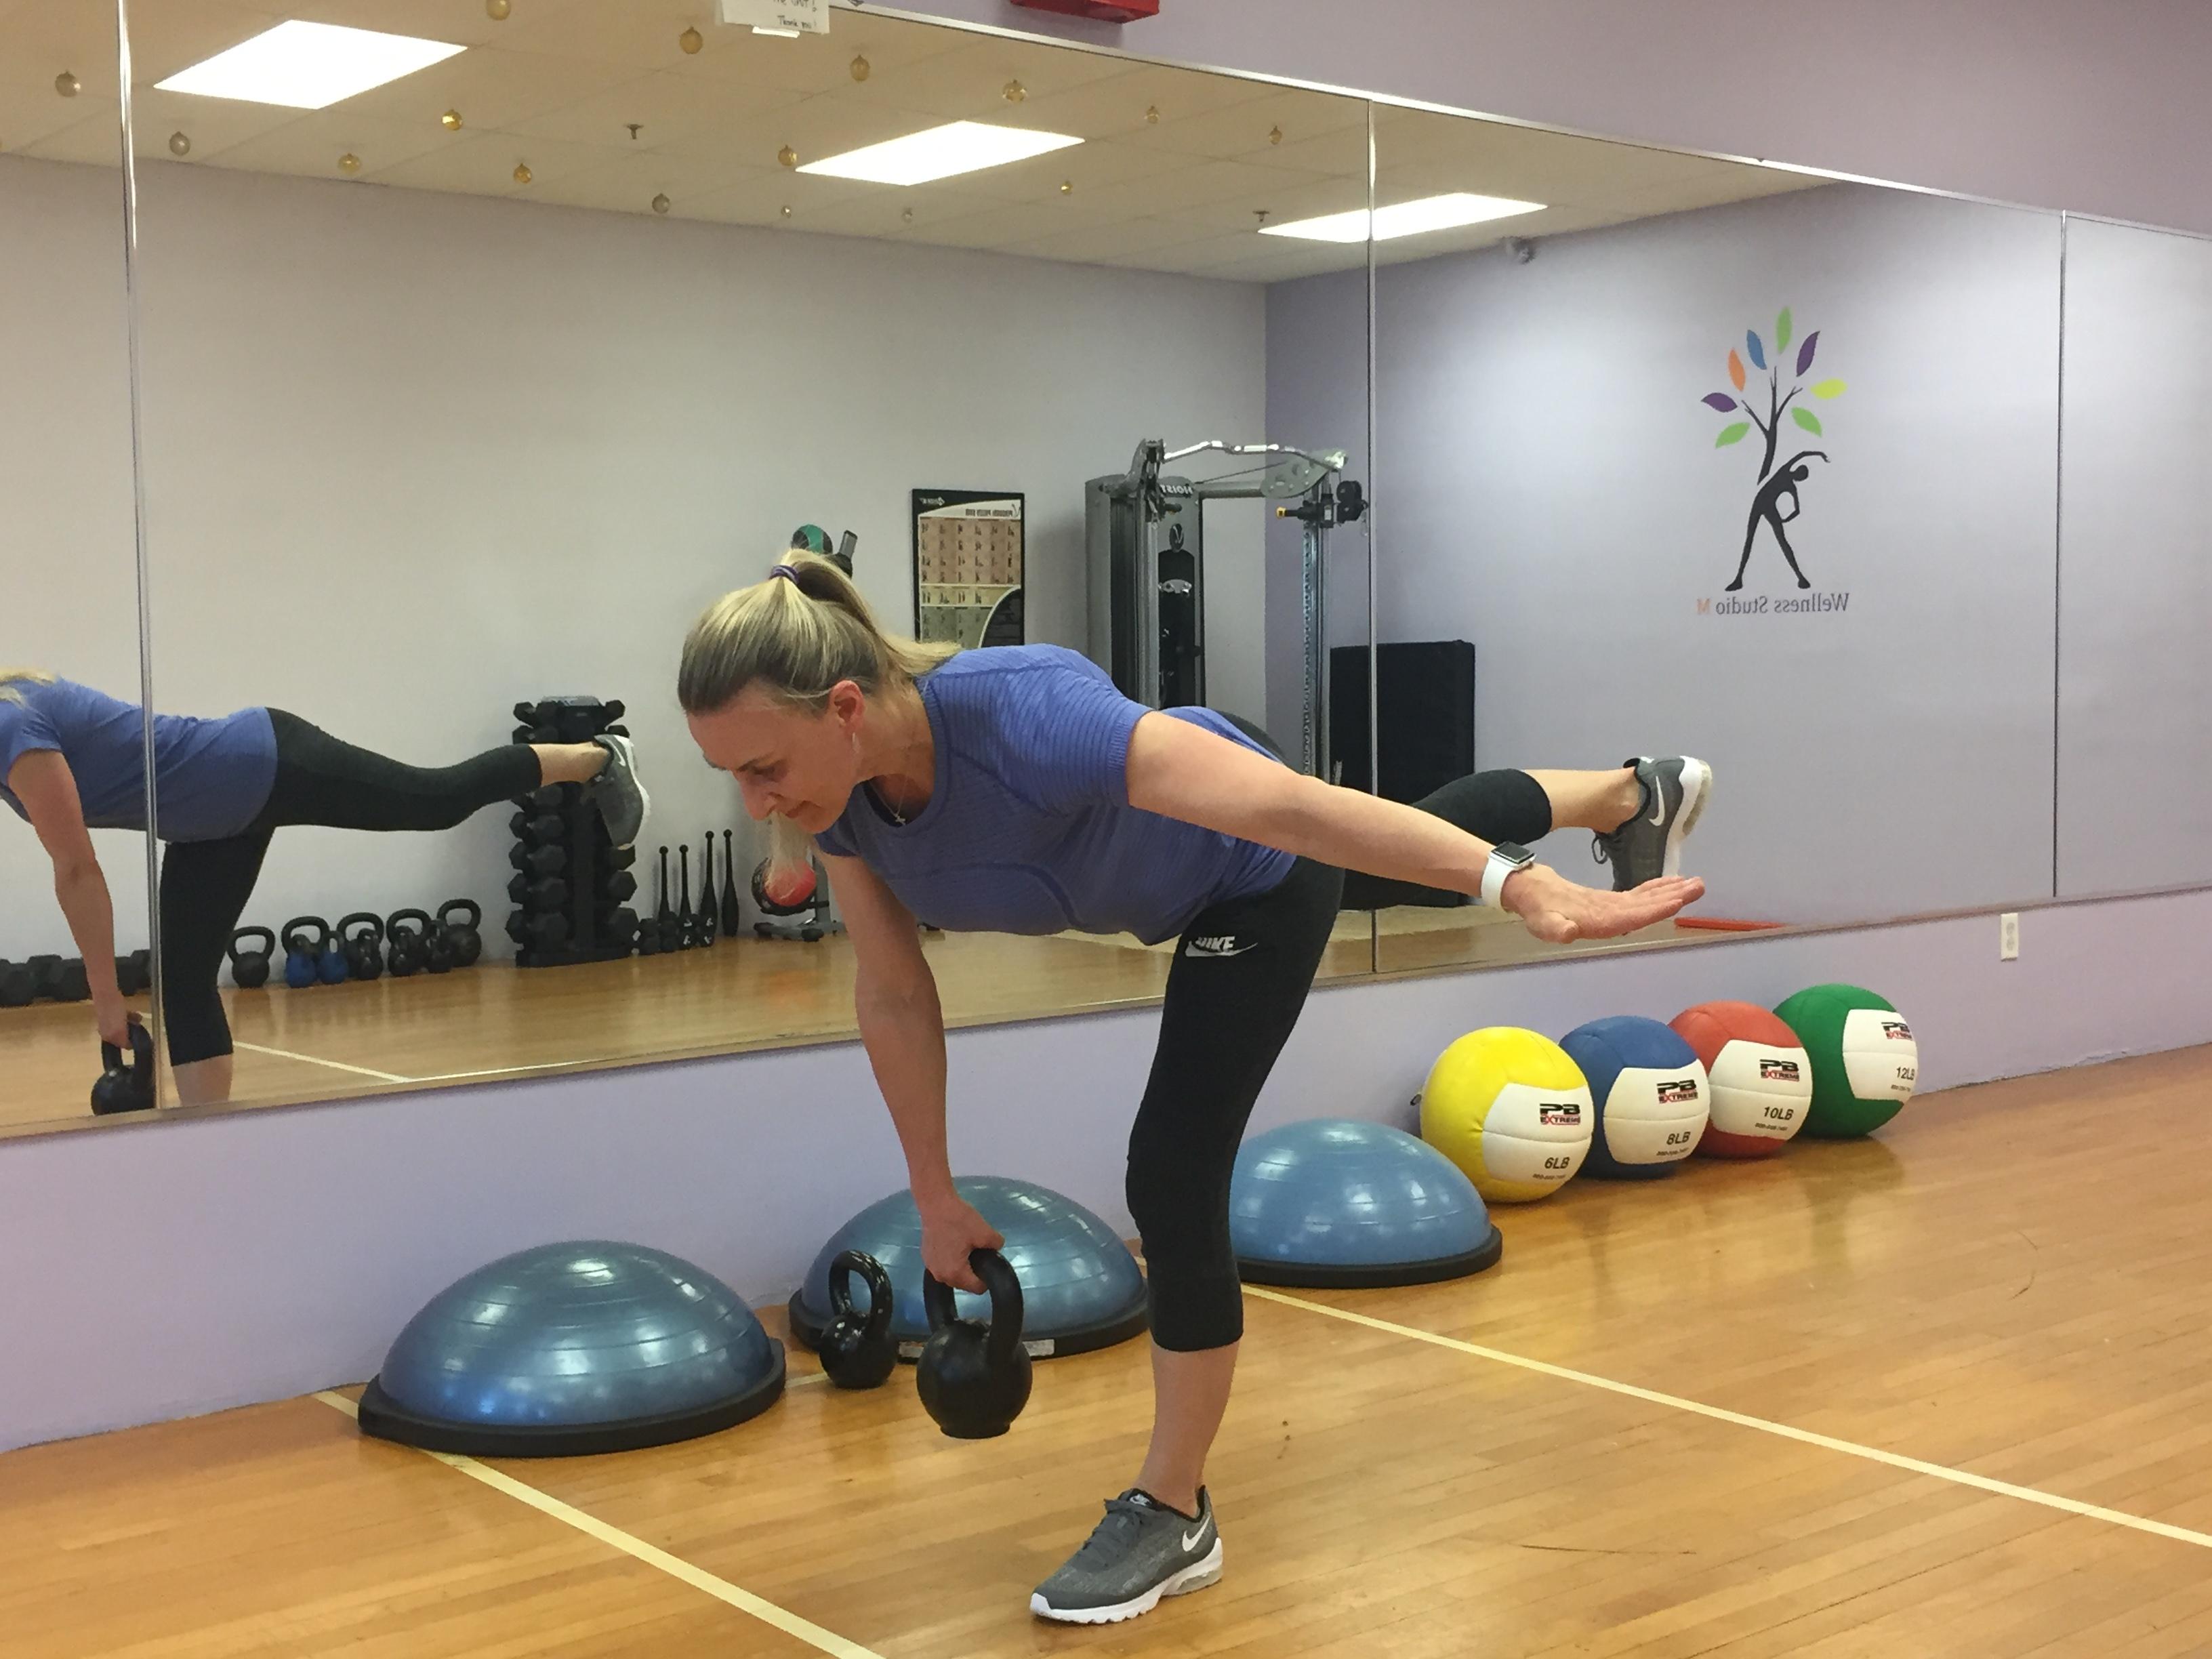 Kettlebell Total Body Workout - Kettlebell Country Girl - Kettlebell Country Girl